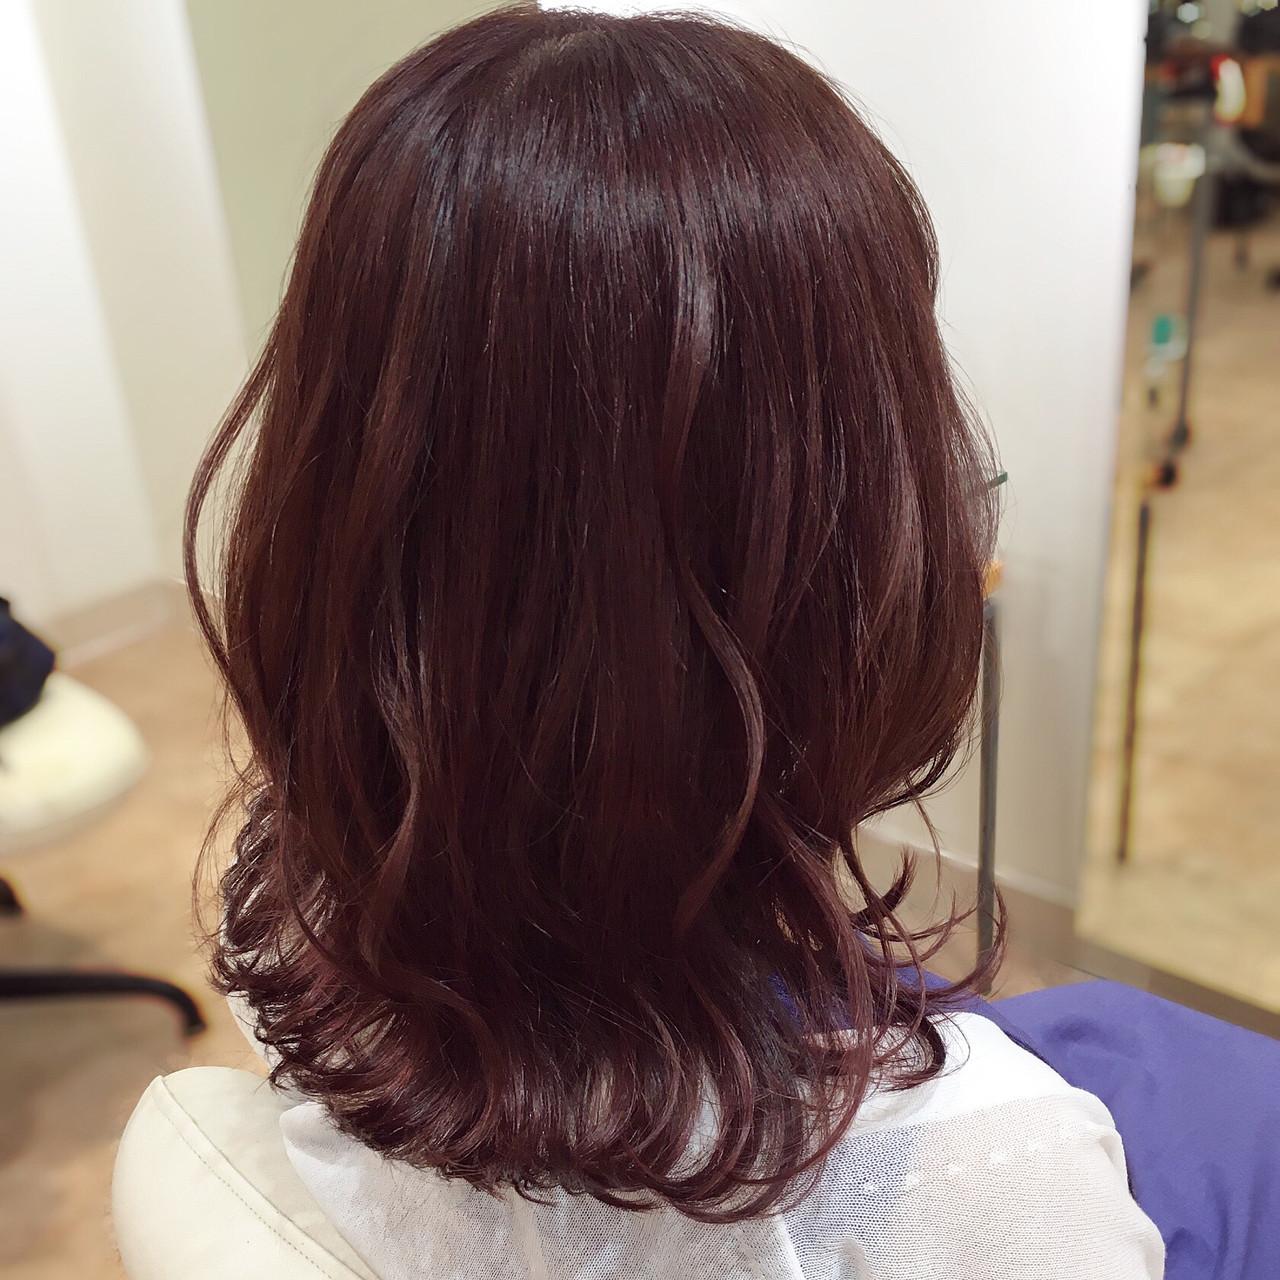 ラベンダーピンク ピンク セミロング ピンクアッシュ ヘアスタイルや髪型の写真・画像 | 平本 詠一 / fabris